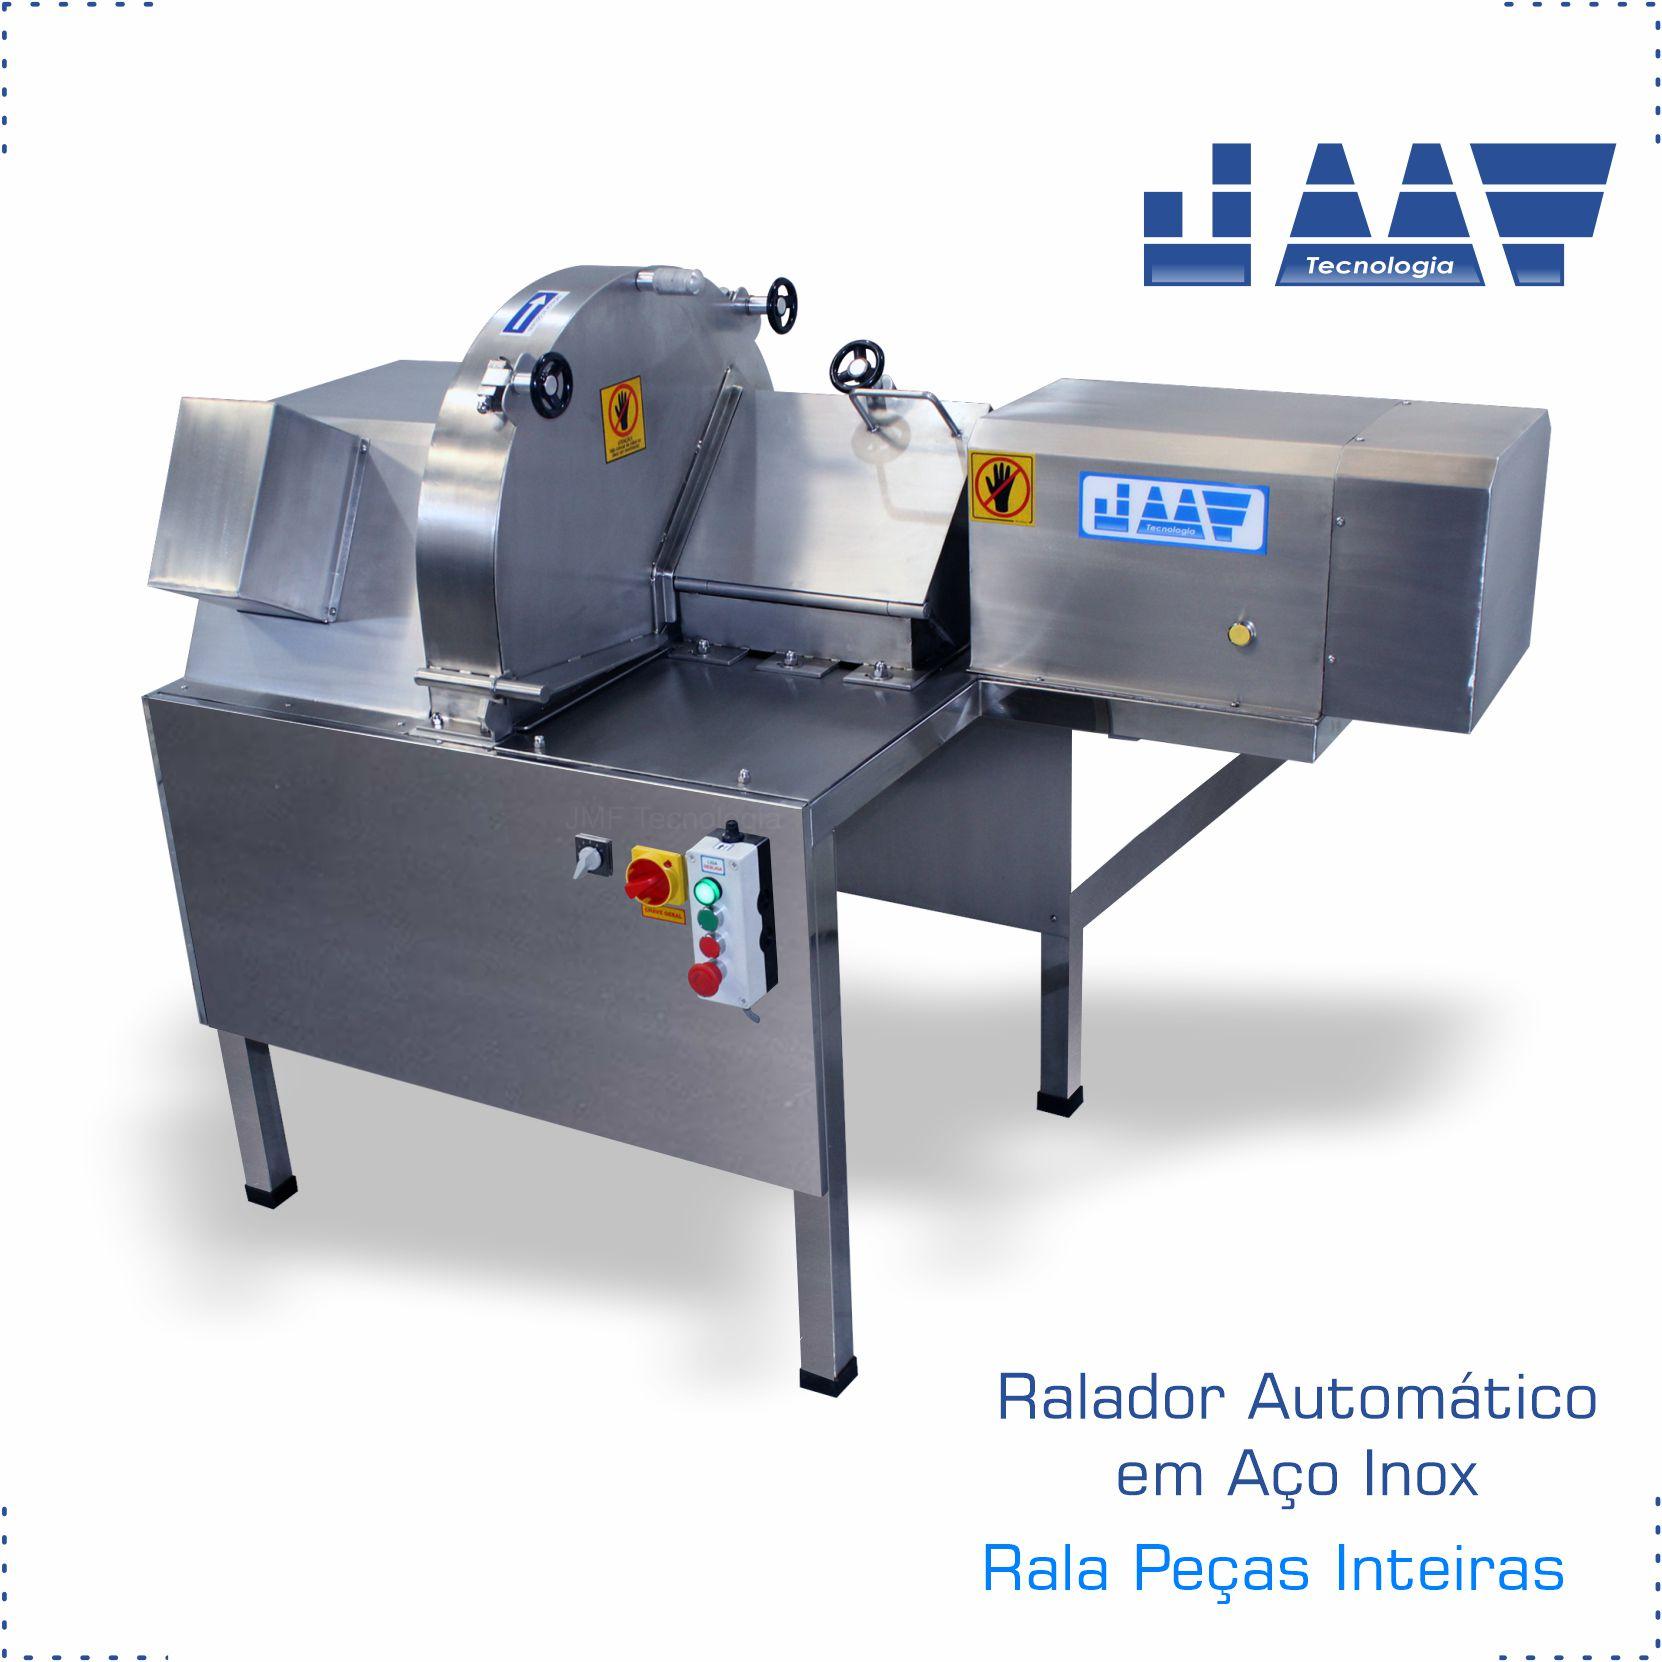 Ralador Industrial Automático